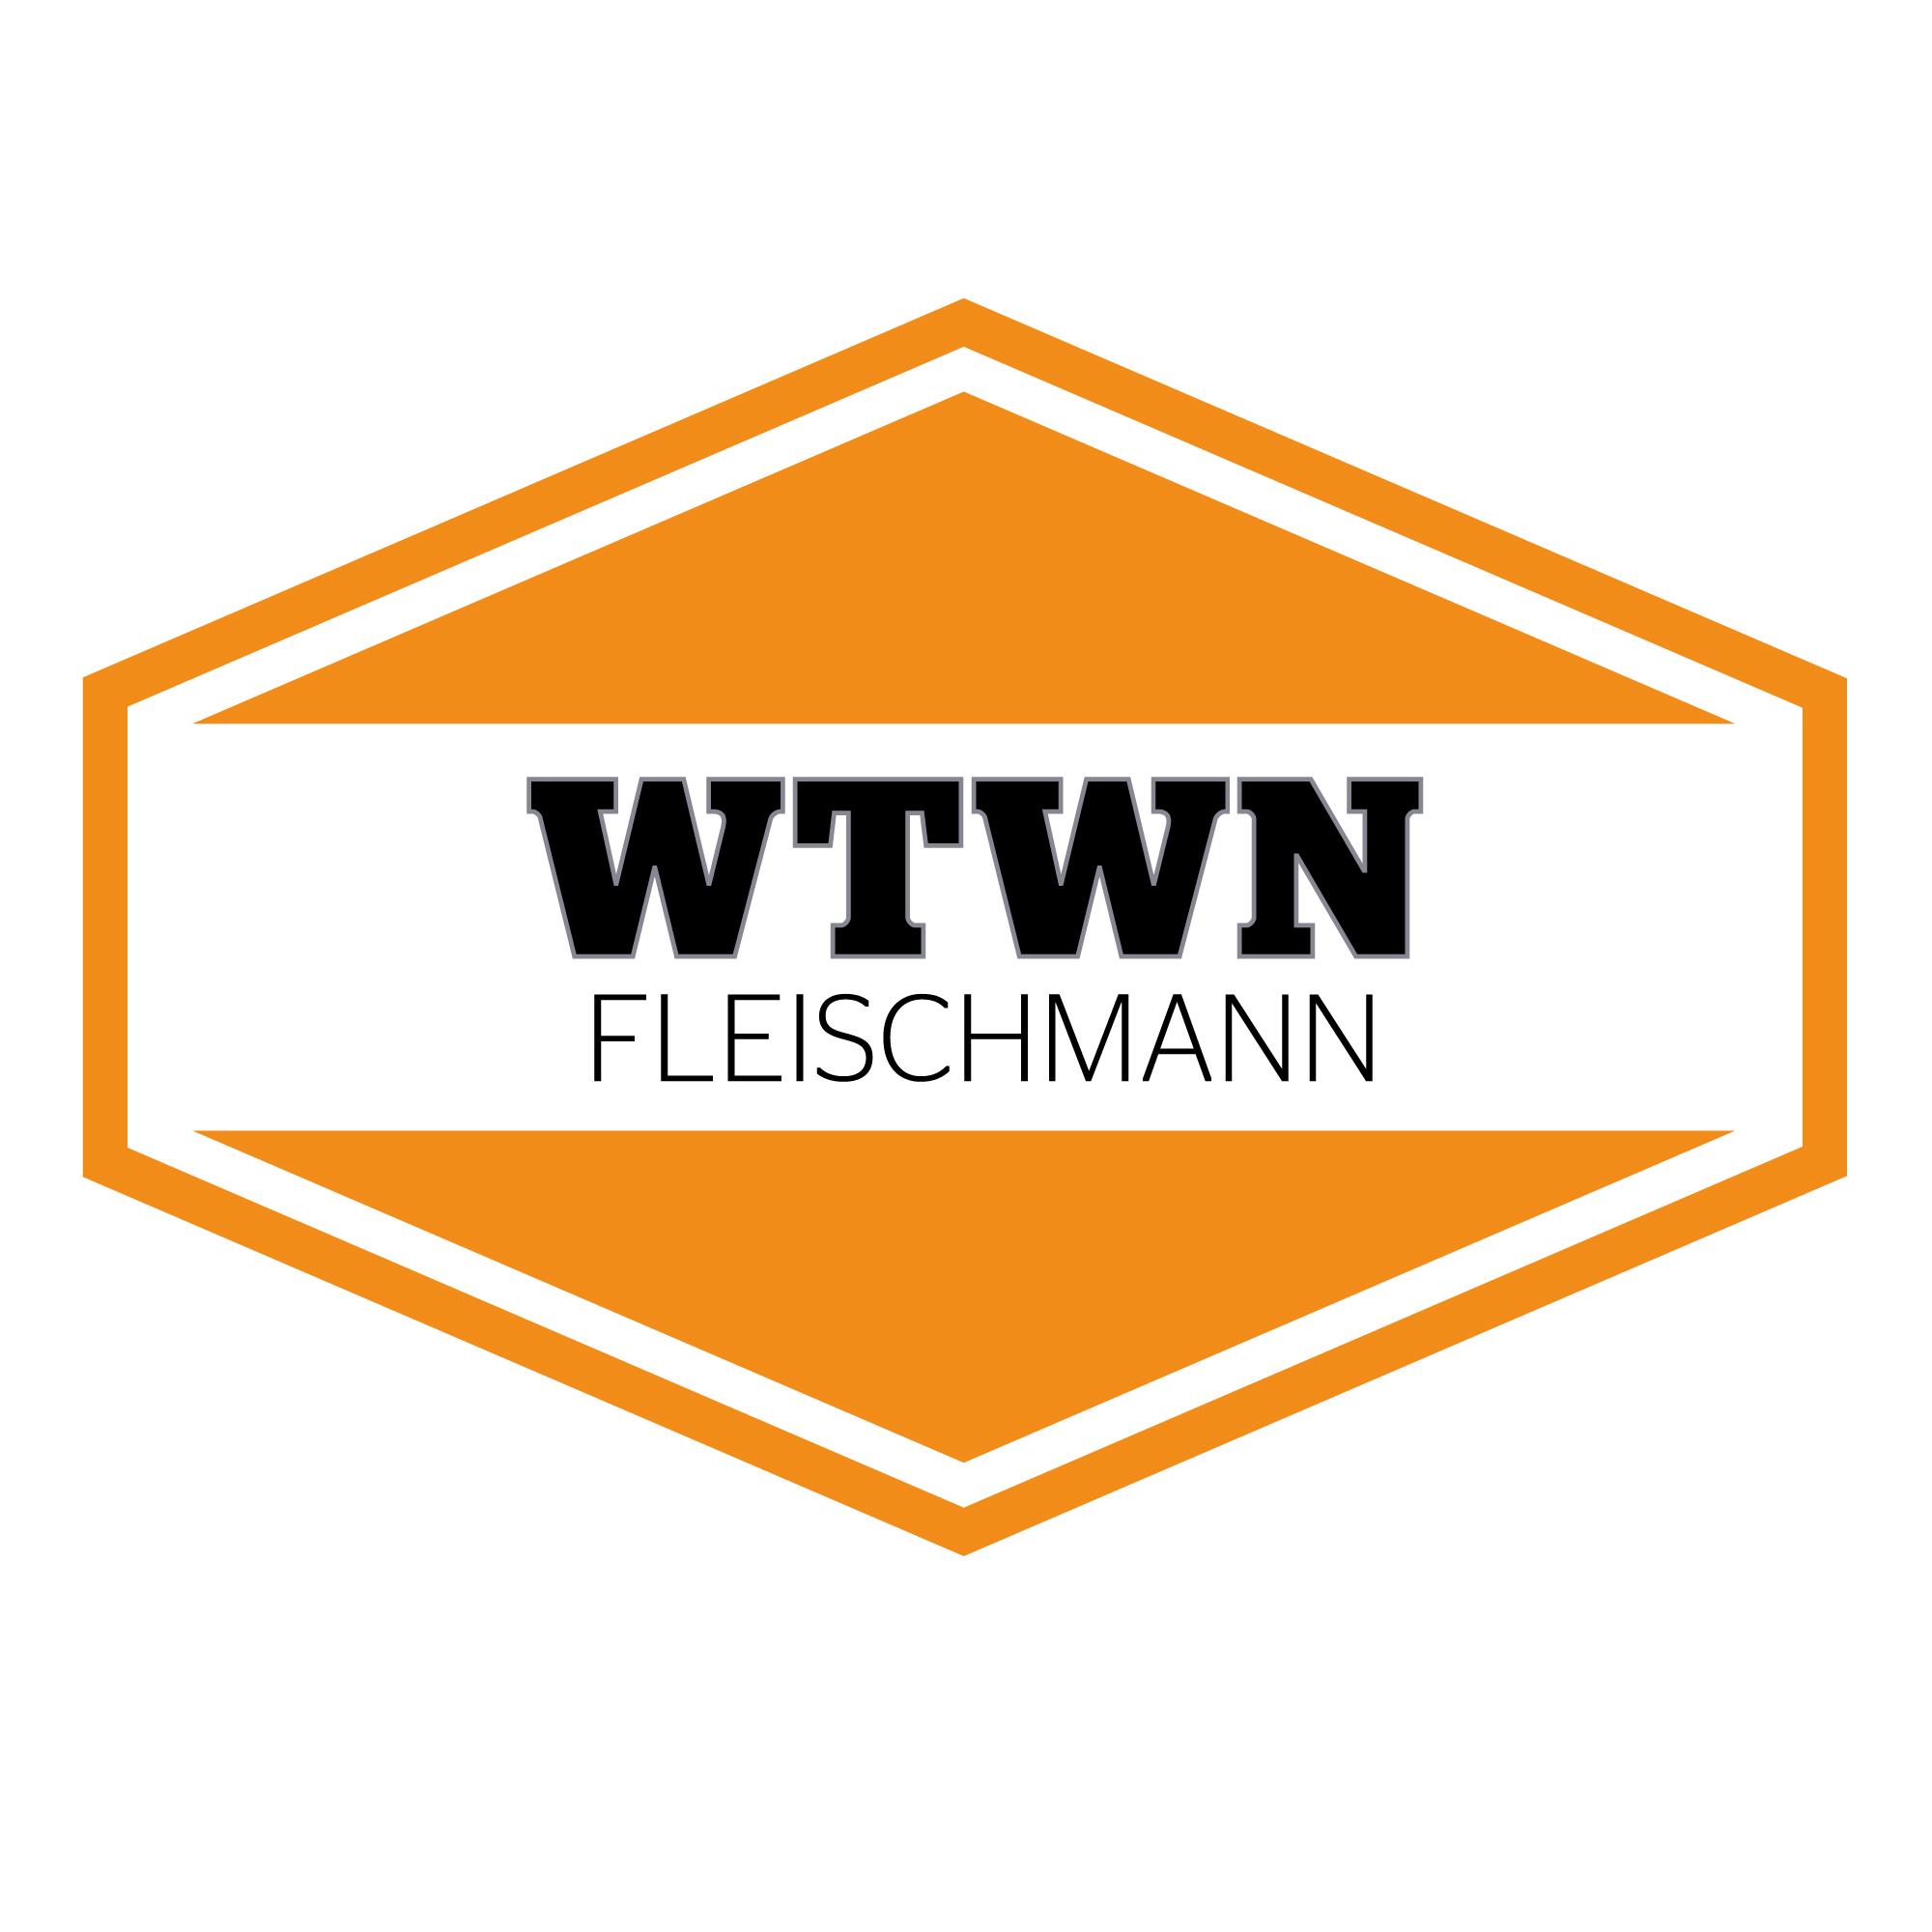 WTWN Fleischmann Steuerberatung